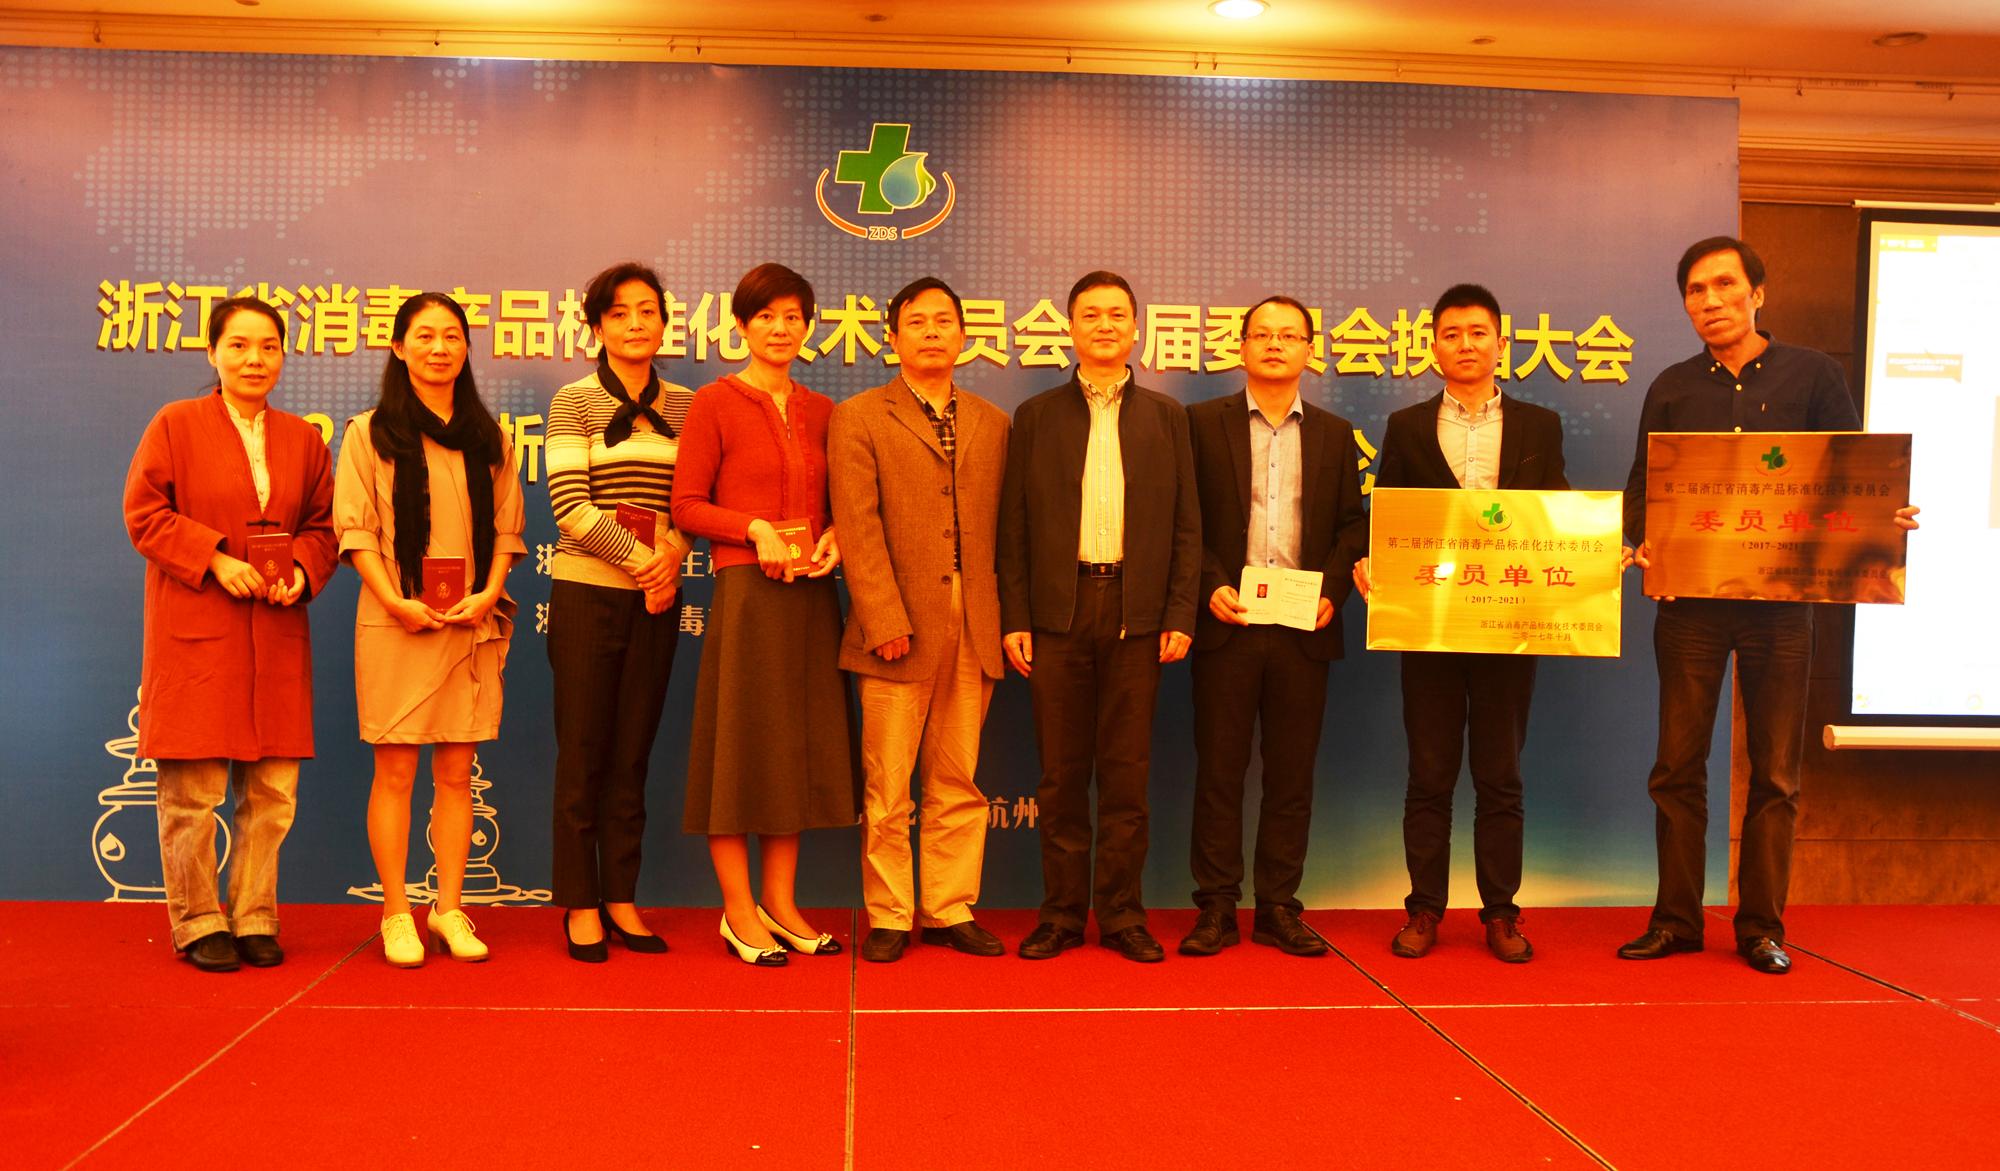 浙江省消毒产品标准化技术委员会一届委员会换届大会圆满召开